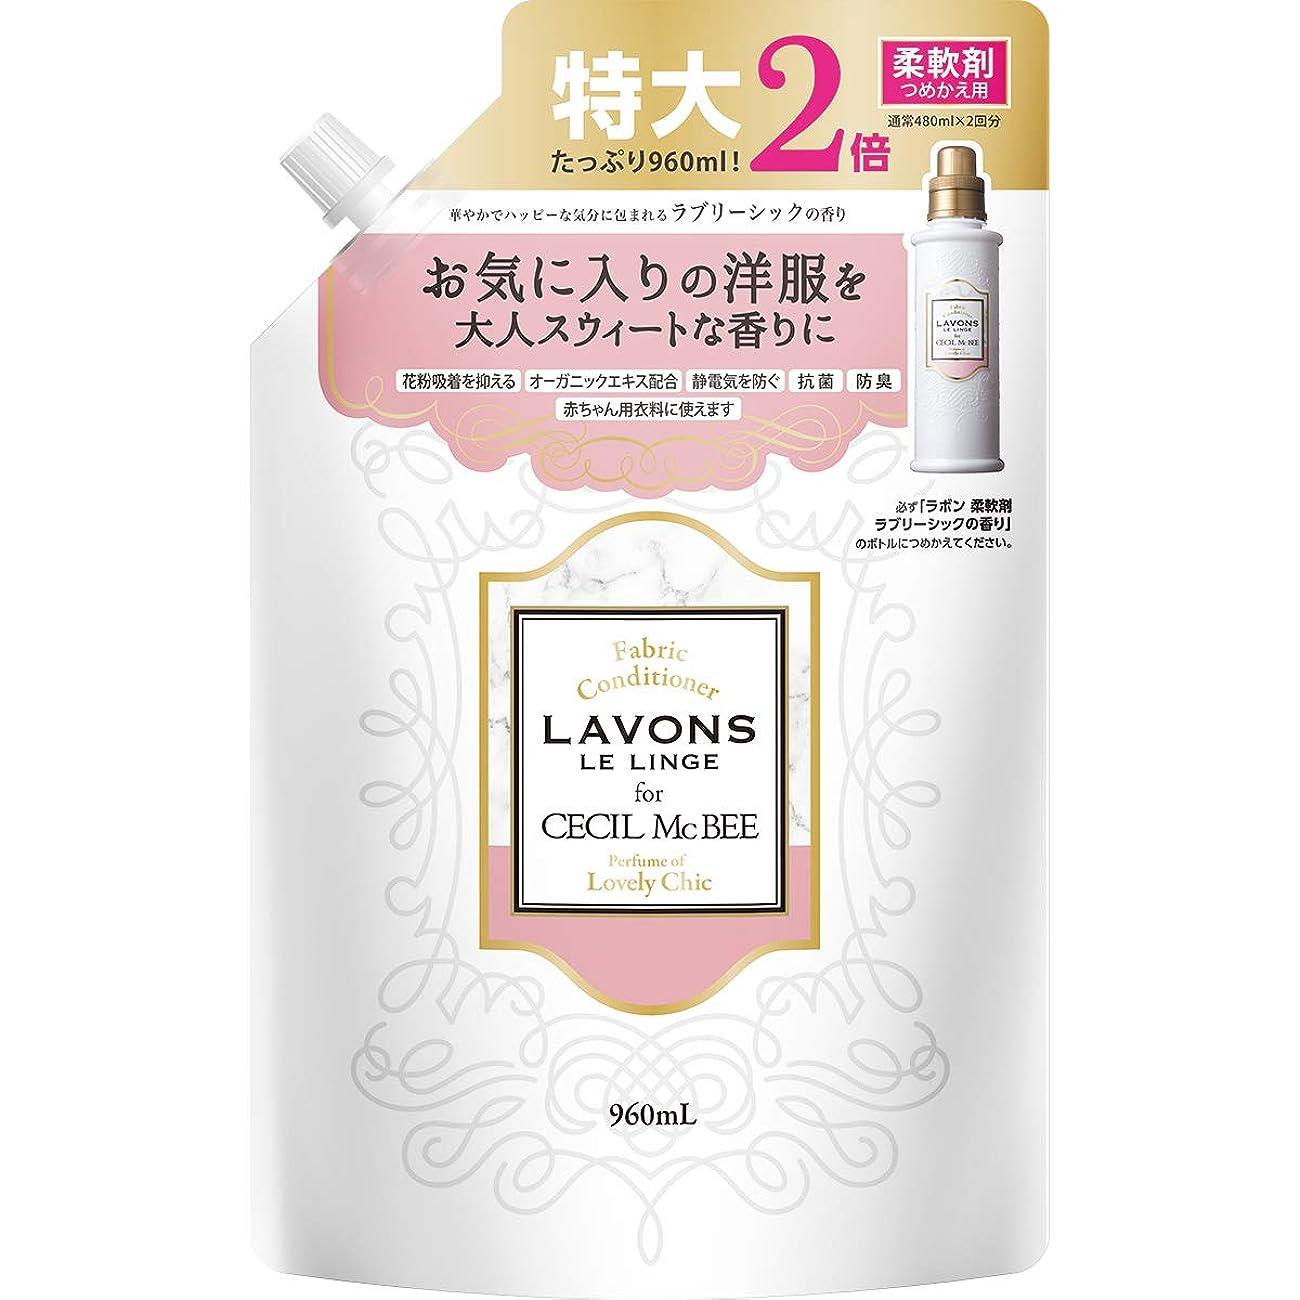 コインランドリー影響力のあるアラバマラボン 柔軟剤 大容量 ラブリーシックの香り 詰め替え 960ml